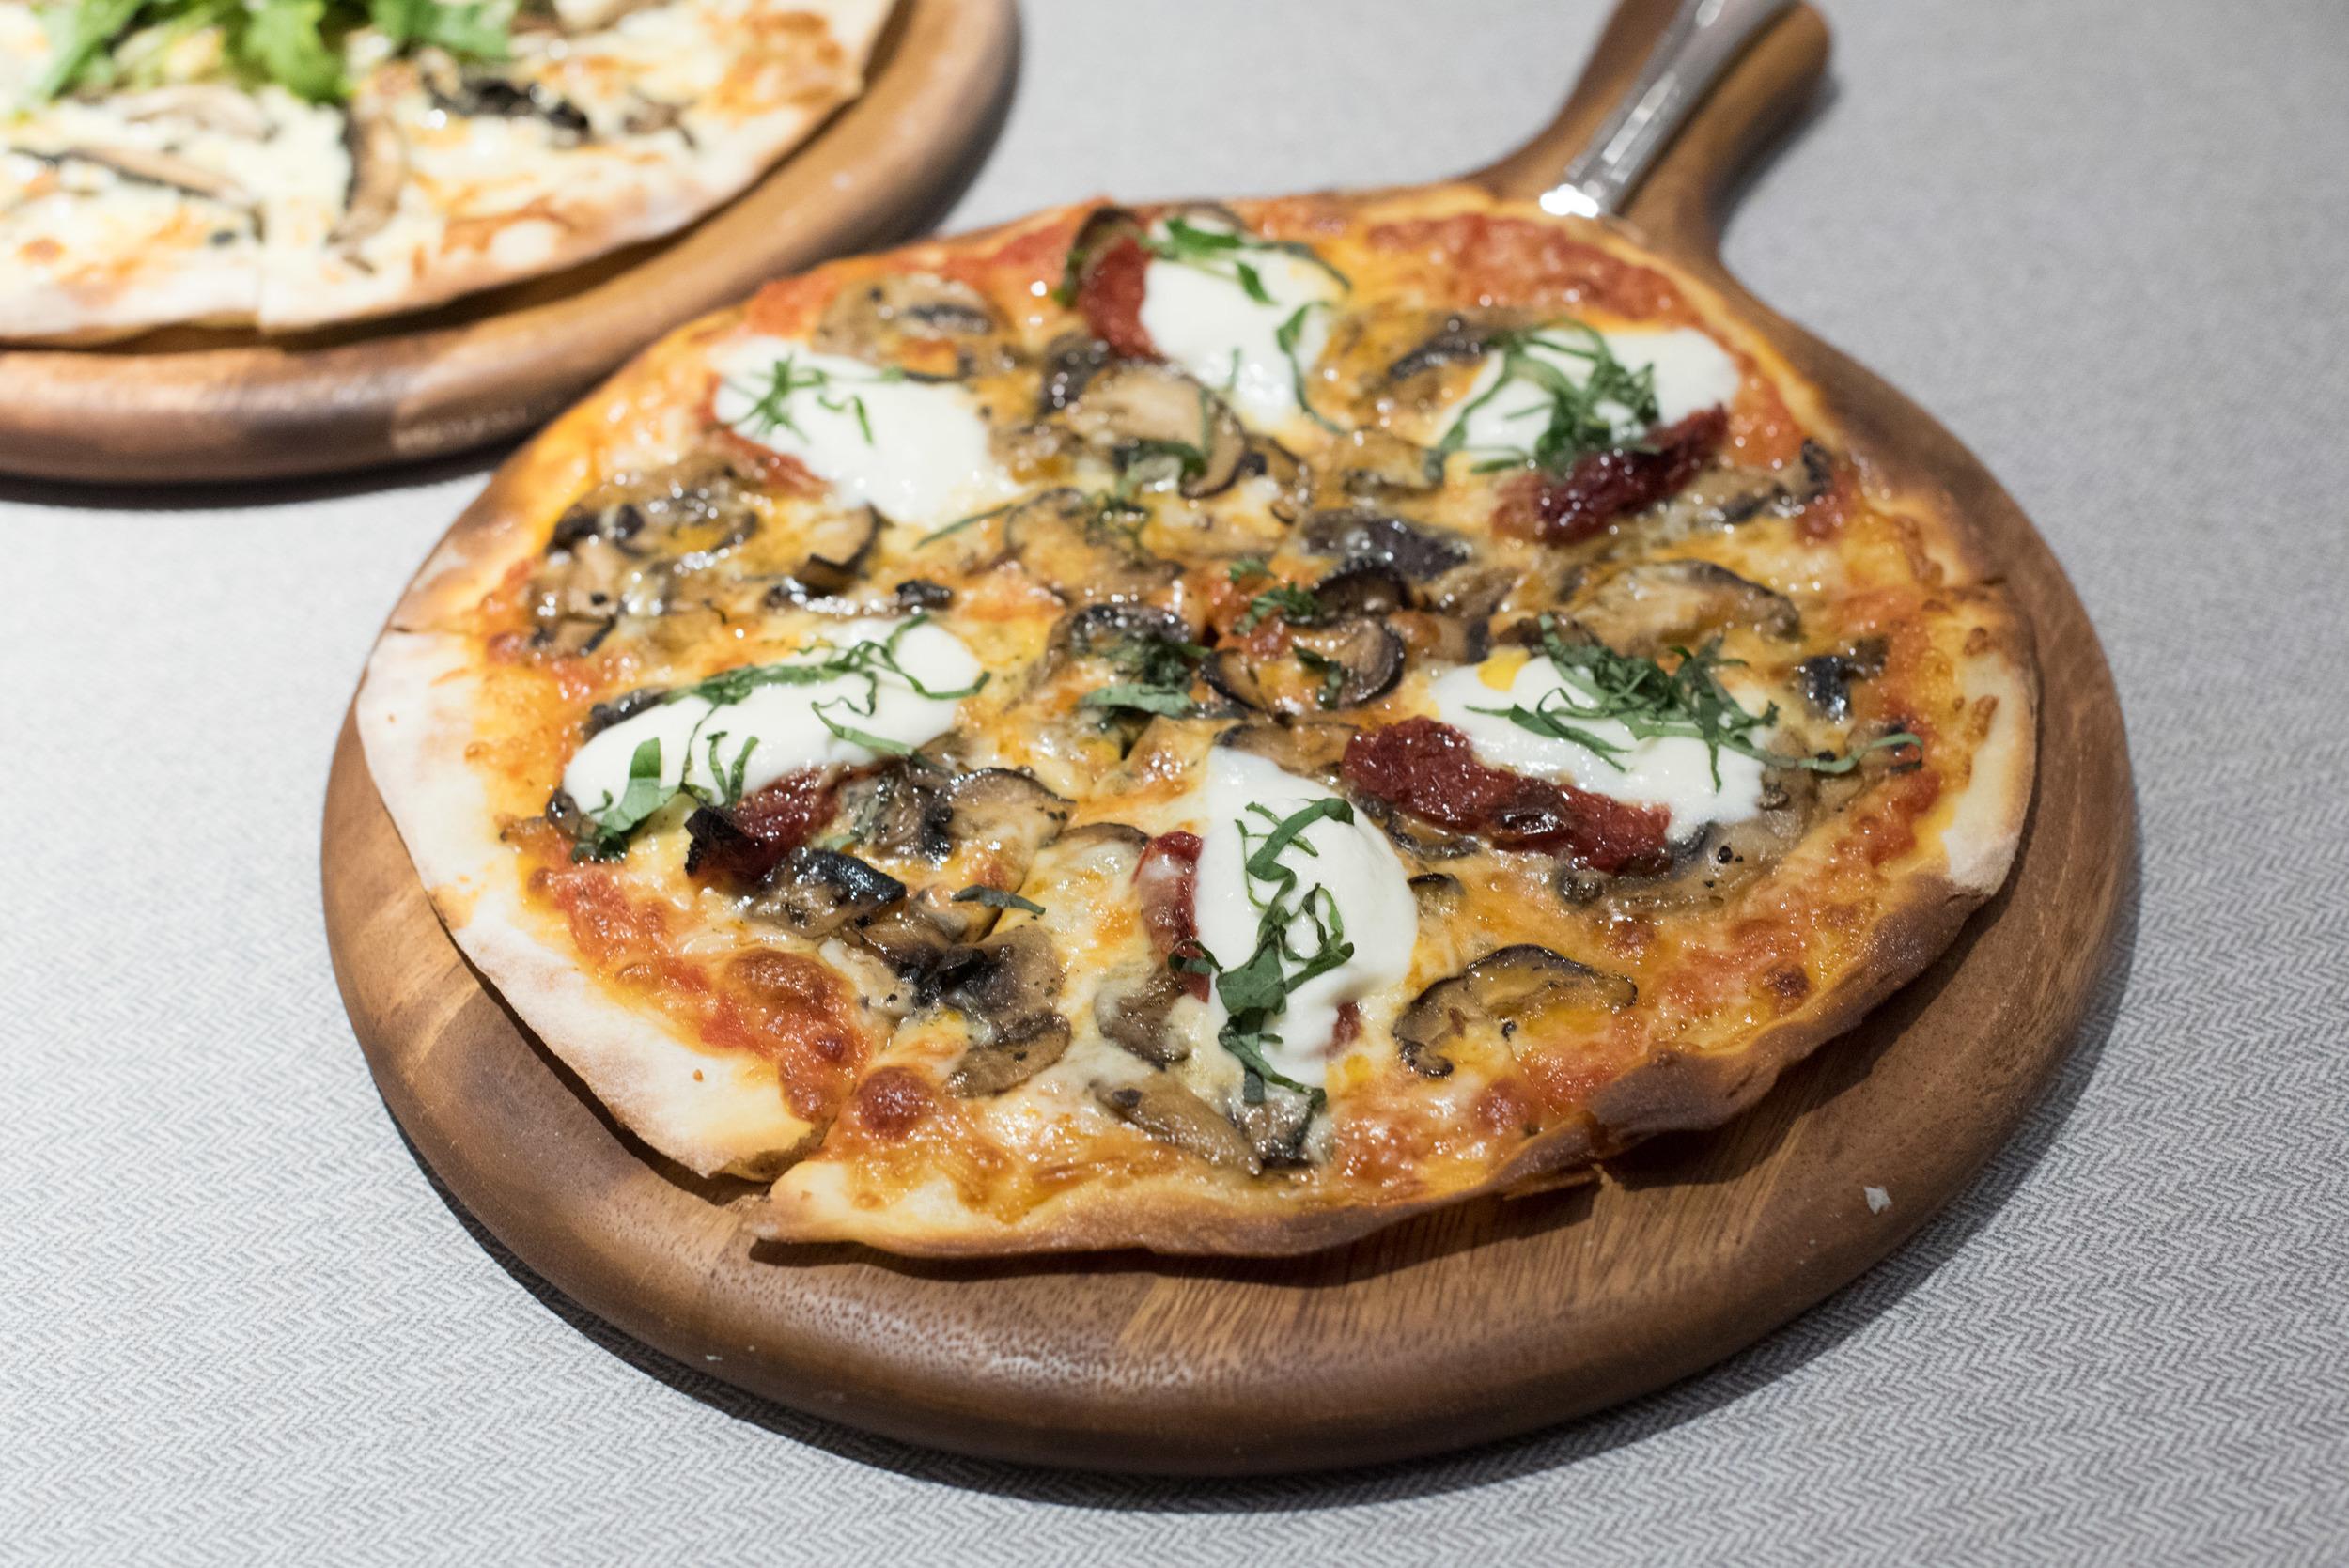 Tomato and Mozzarella Pizza